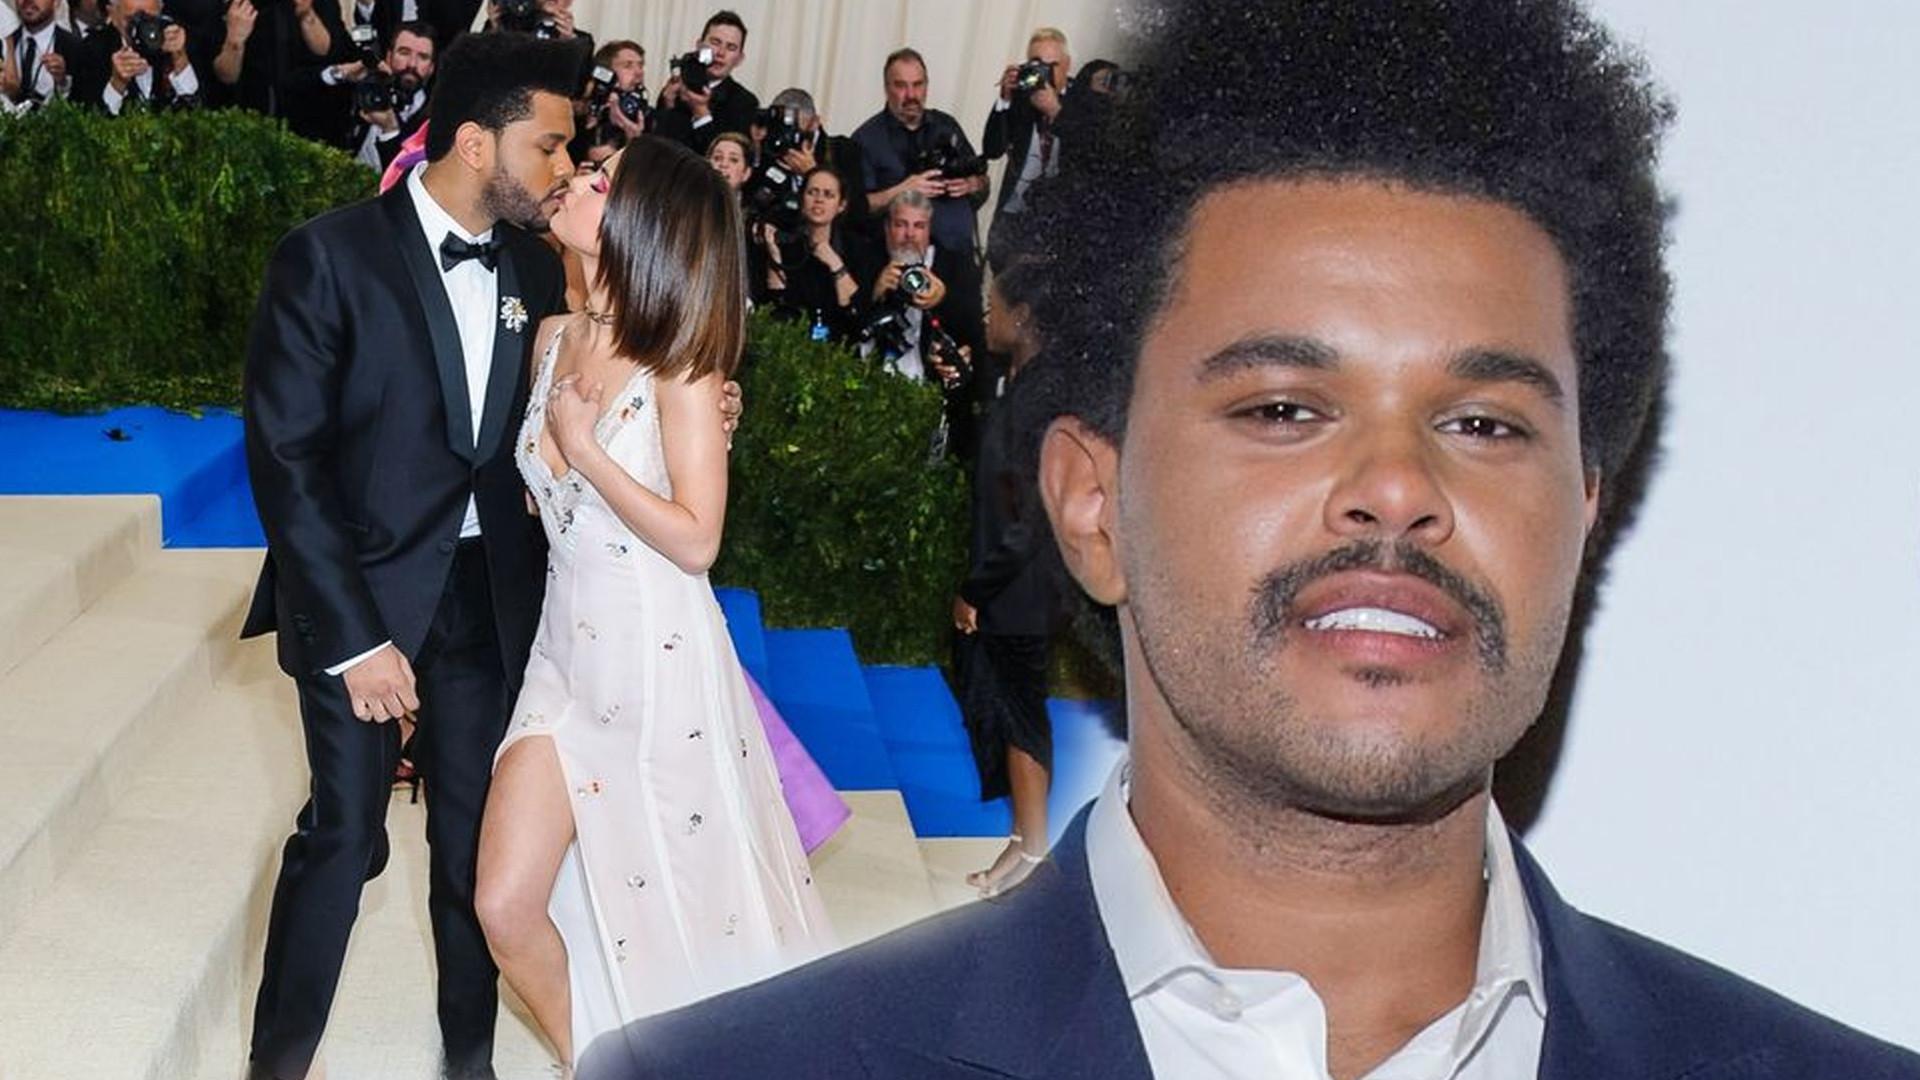 """Najnowszy utwór The Weeknd będzie nosił nazwę """"Like Selena"""". Fani są przekonani, że chodzi o Selenę Gomez!"""